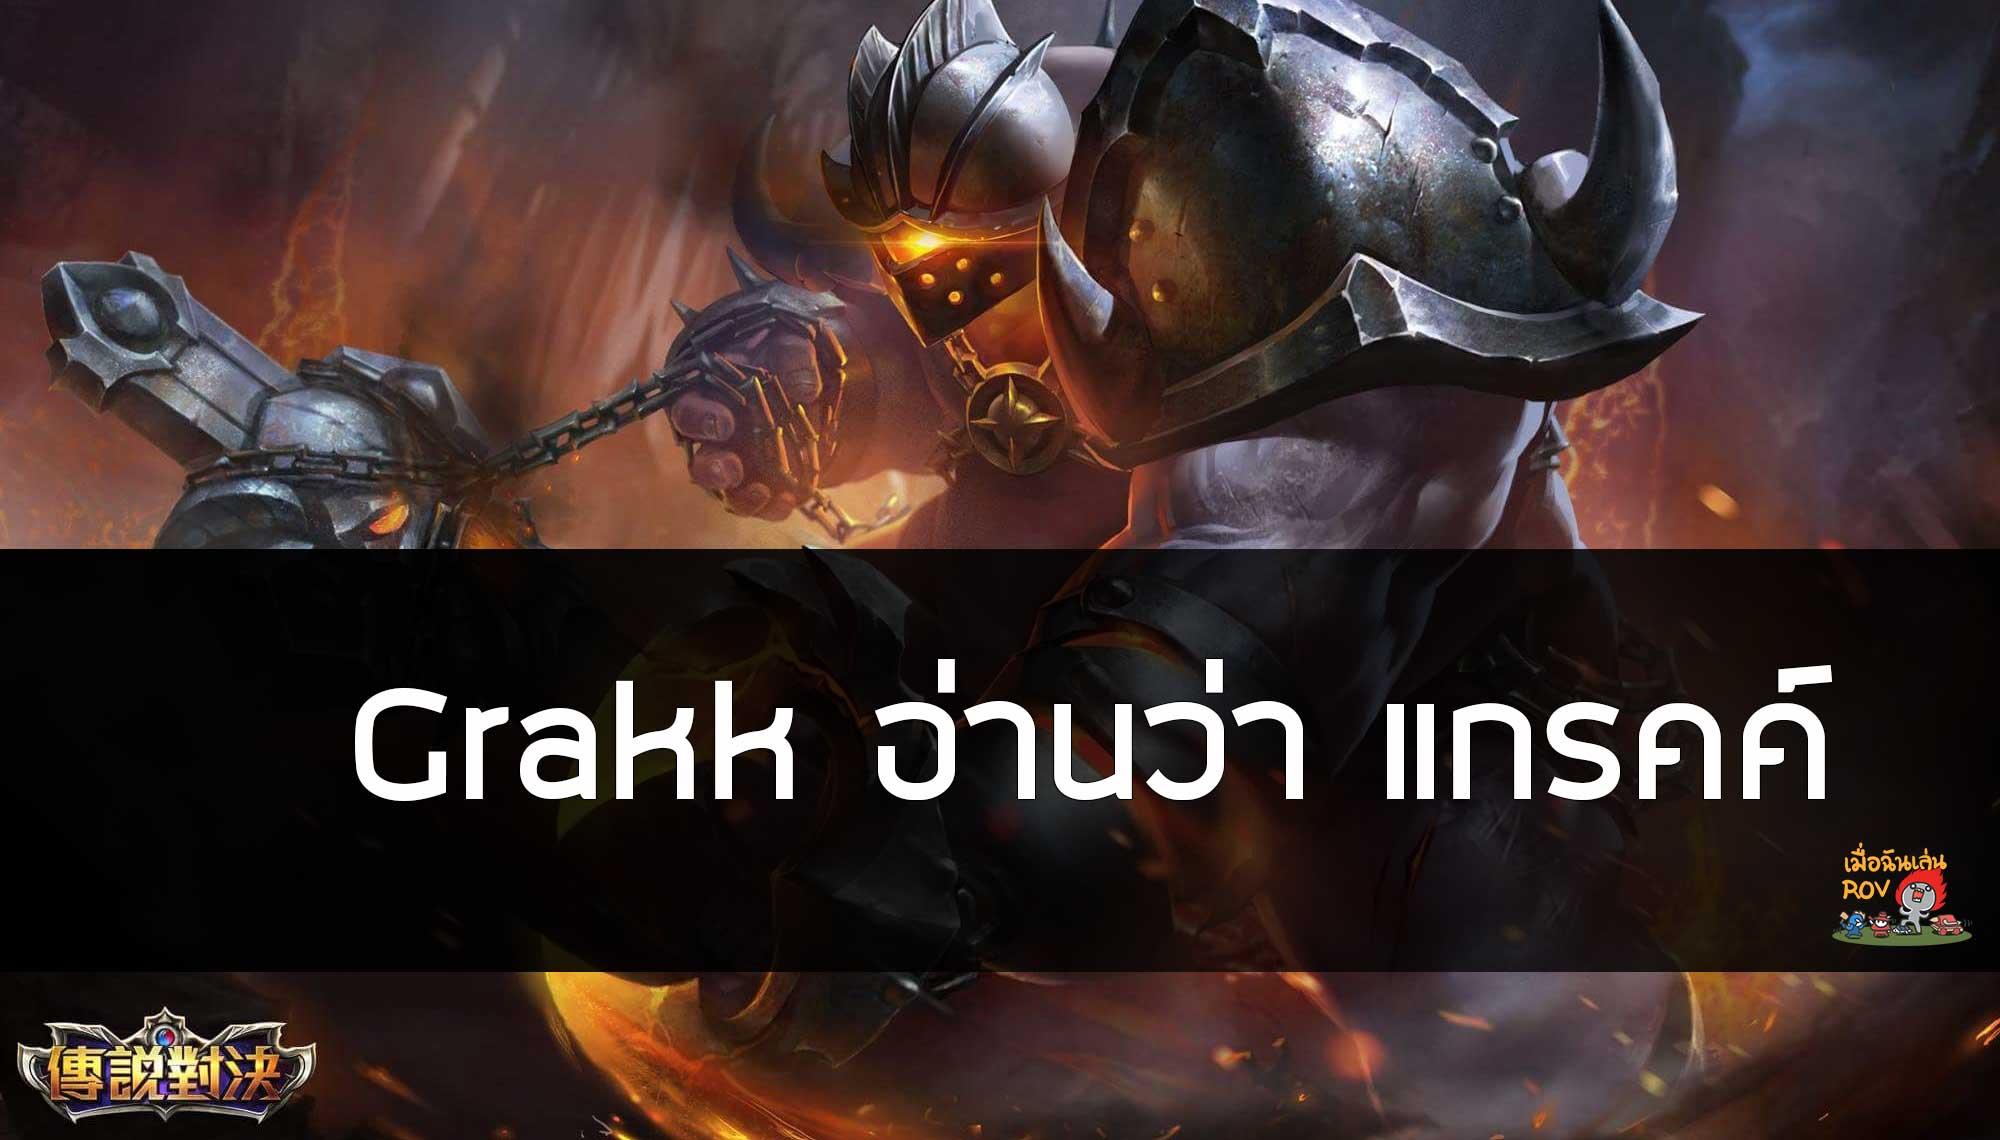 Grakk อ่านว่า แกรคค์